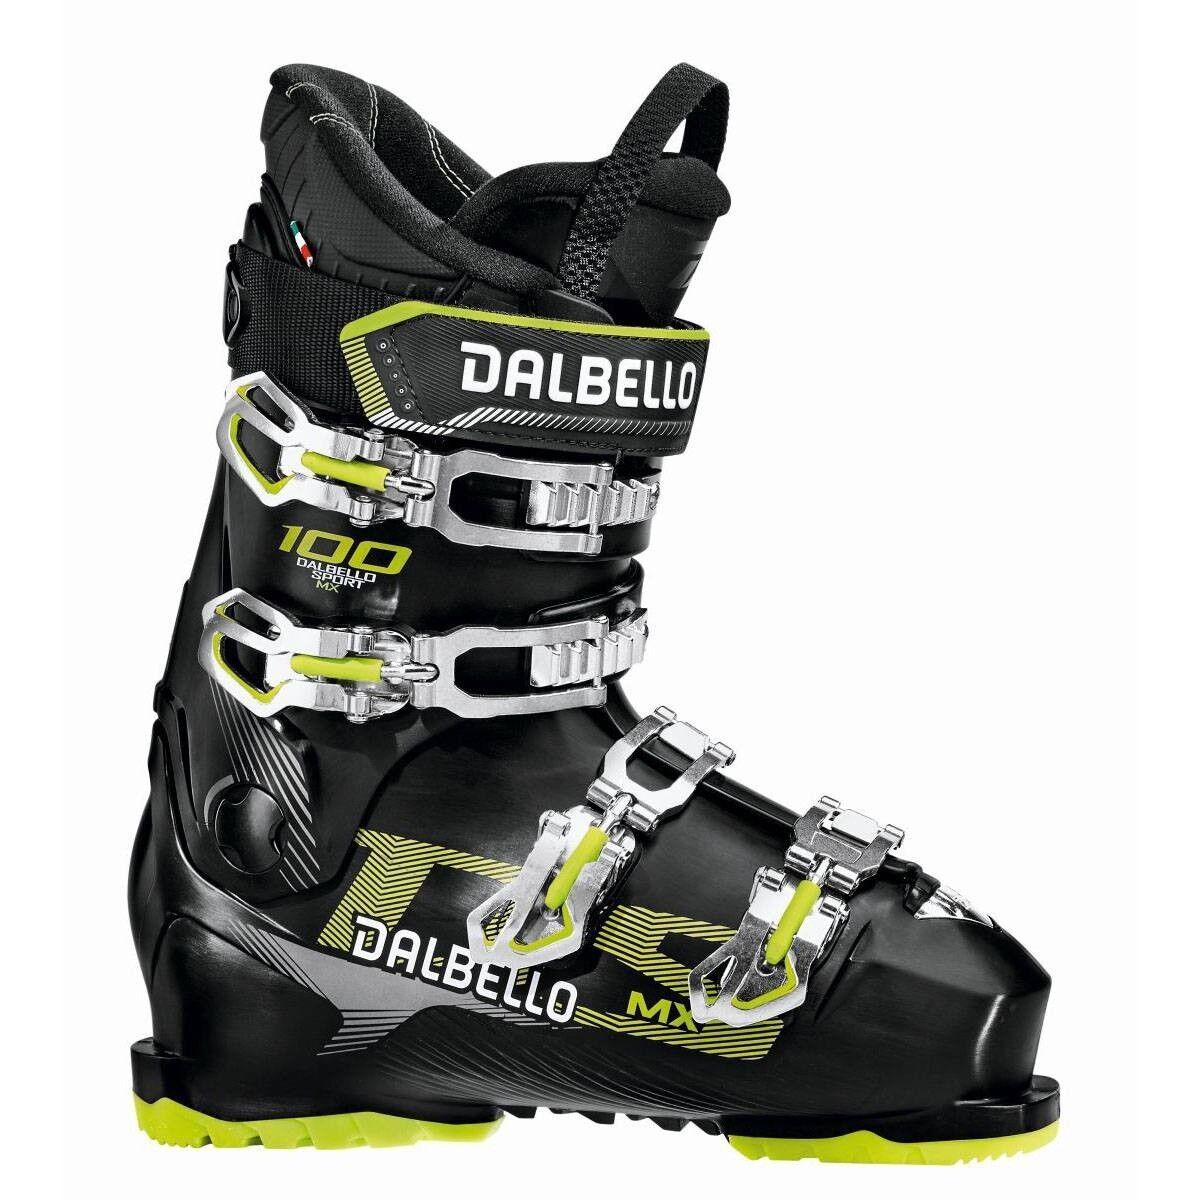 Dalbello DS MX 100 MS Skischuhe schwarz